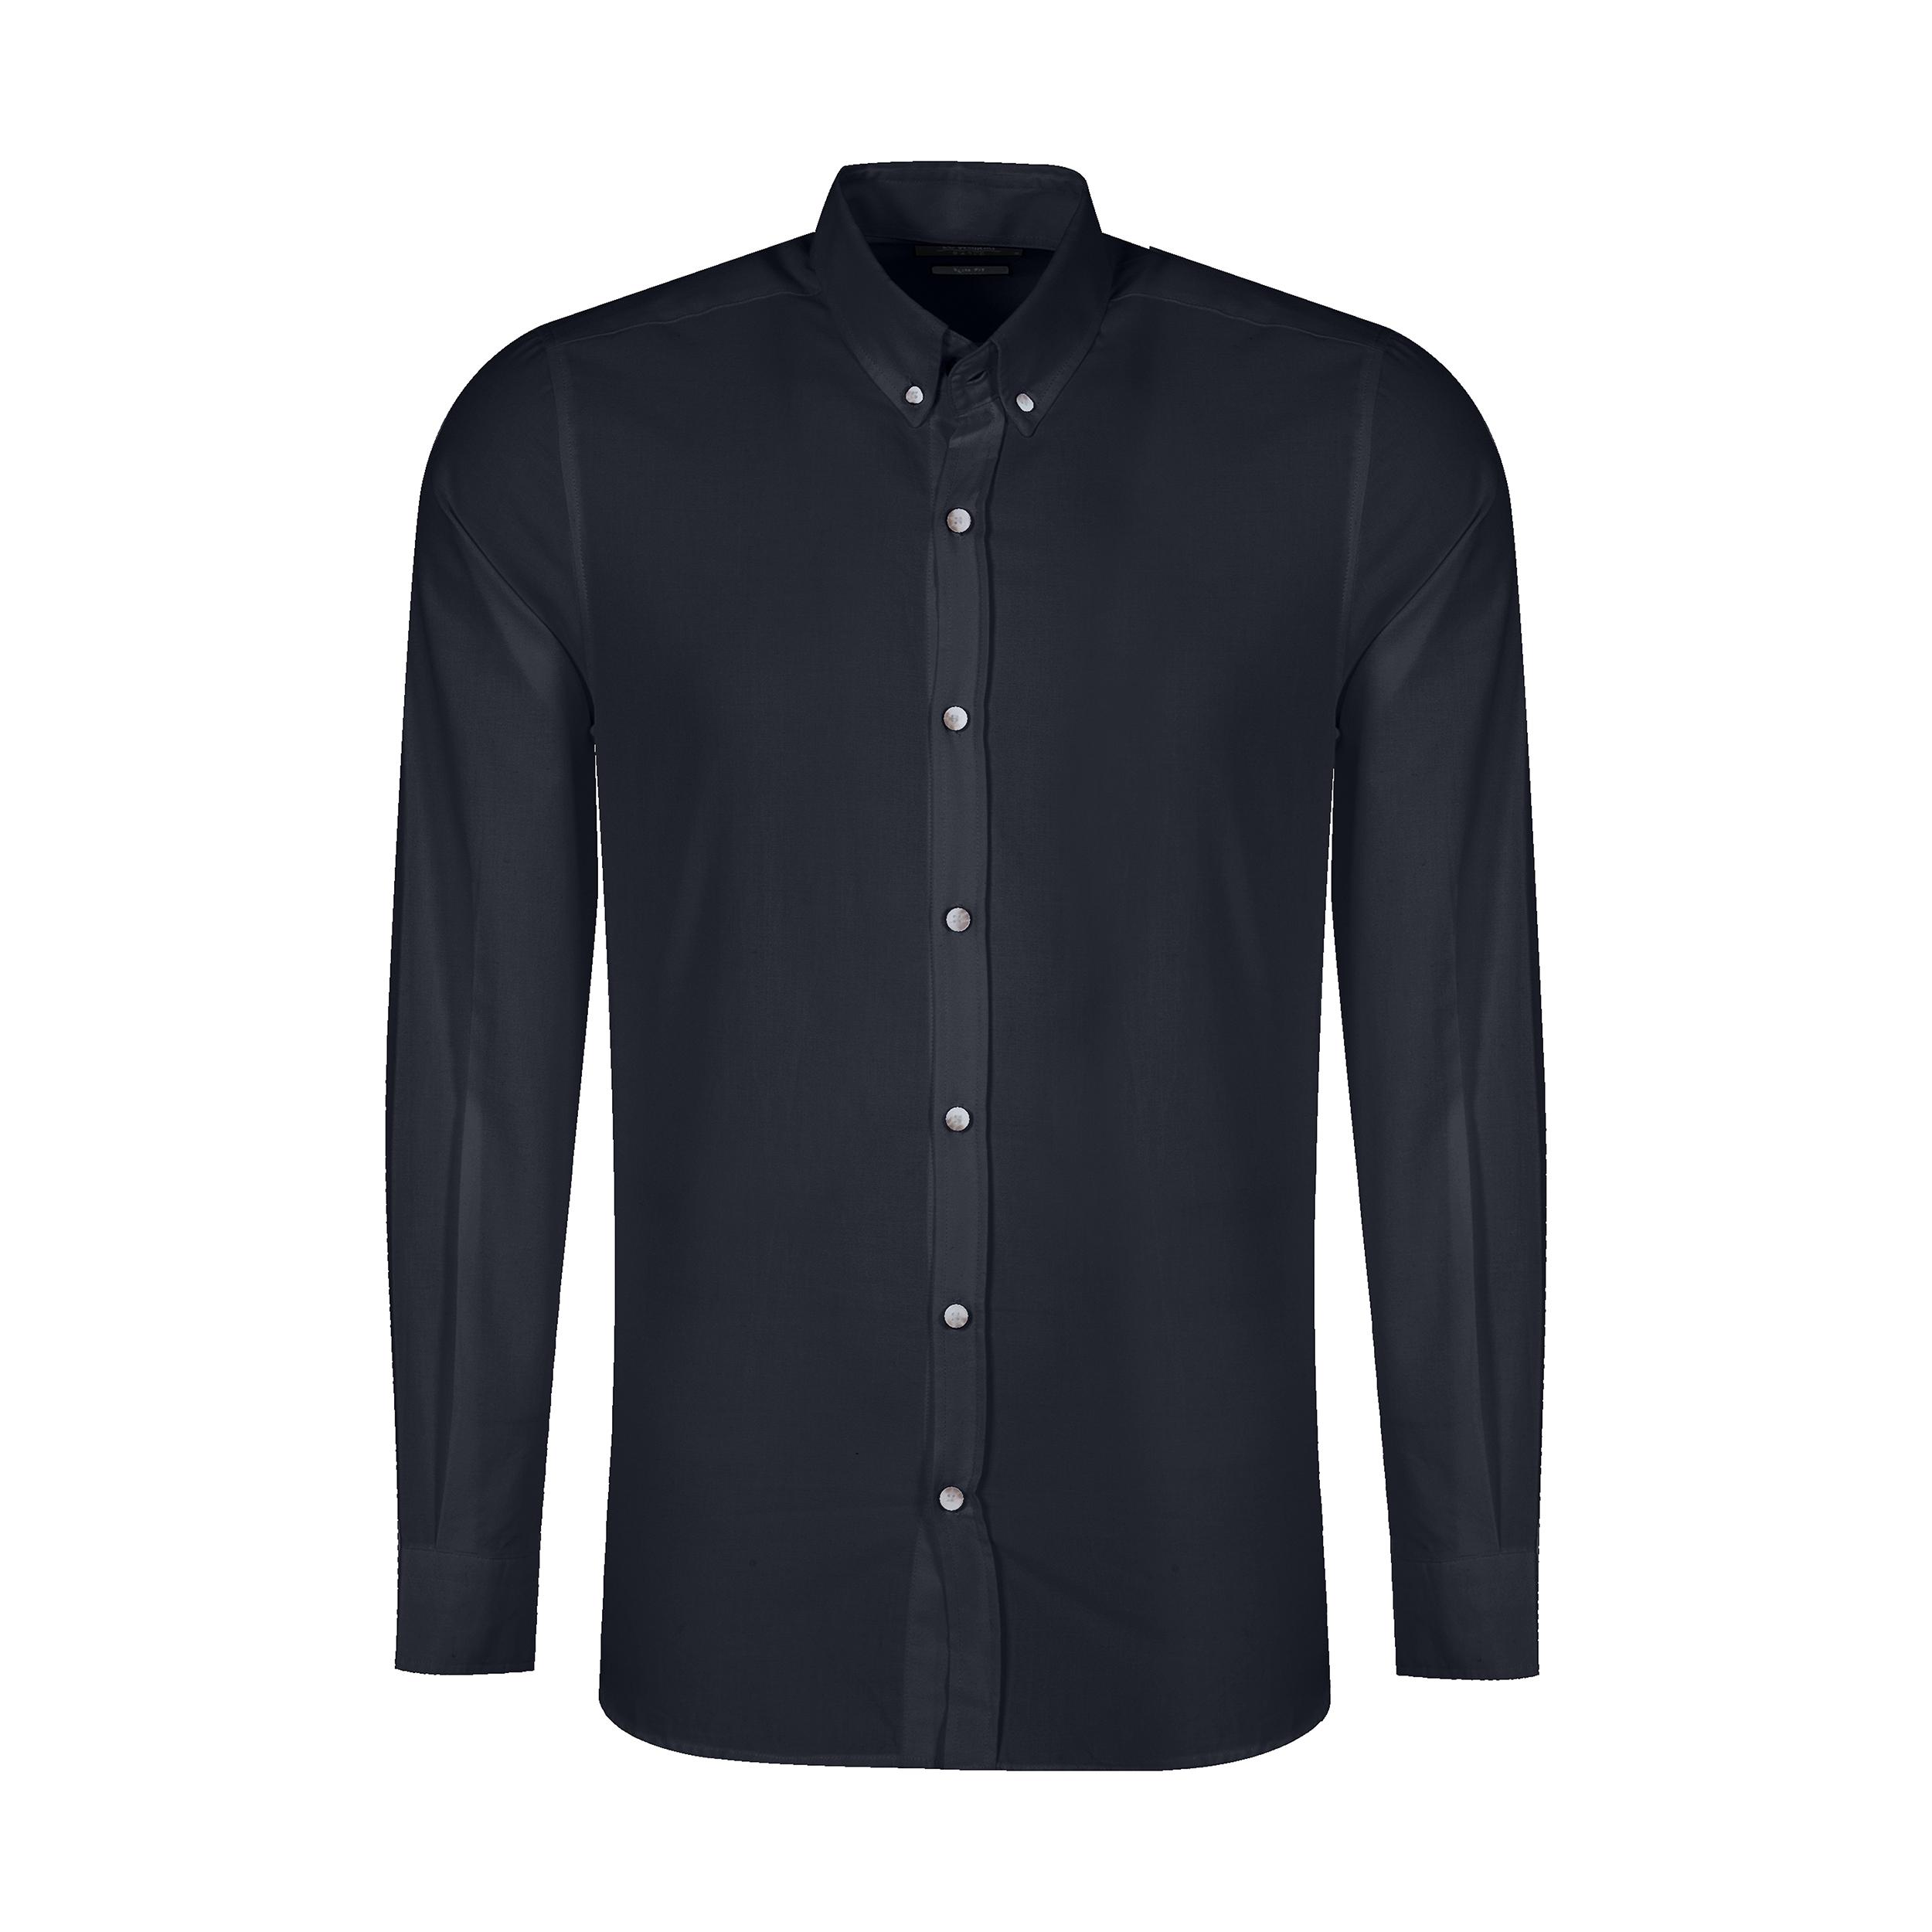 پیراهن آستین بلند مردانه ال سی وایکیکی مدل 0SA013Z8-HUC